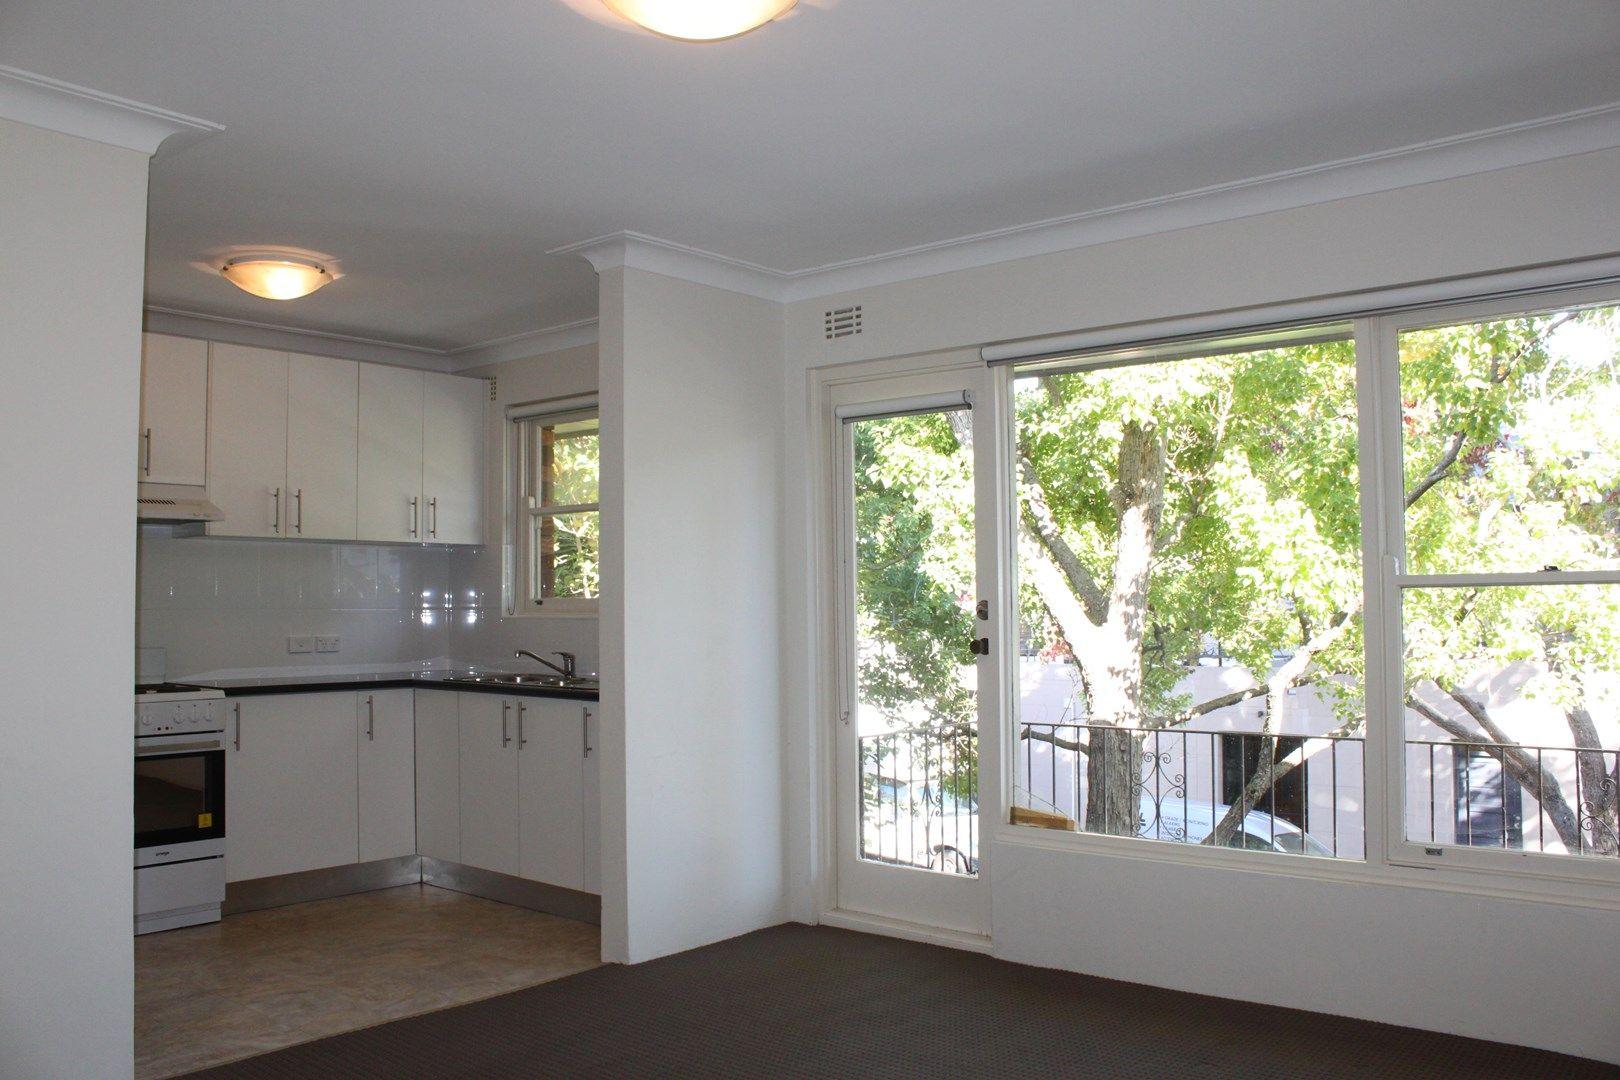 5/194 Darling Street, Balmain NSW 2041, Image 0